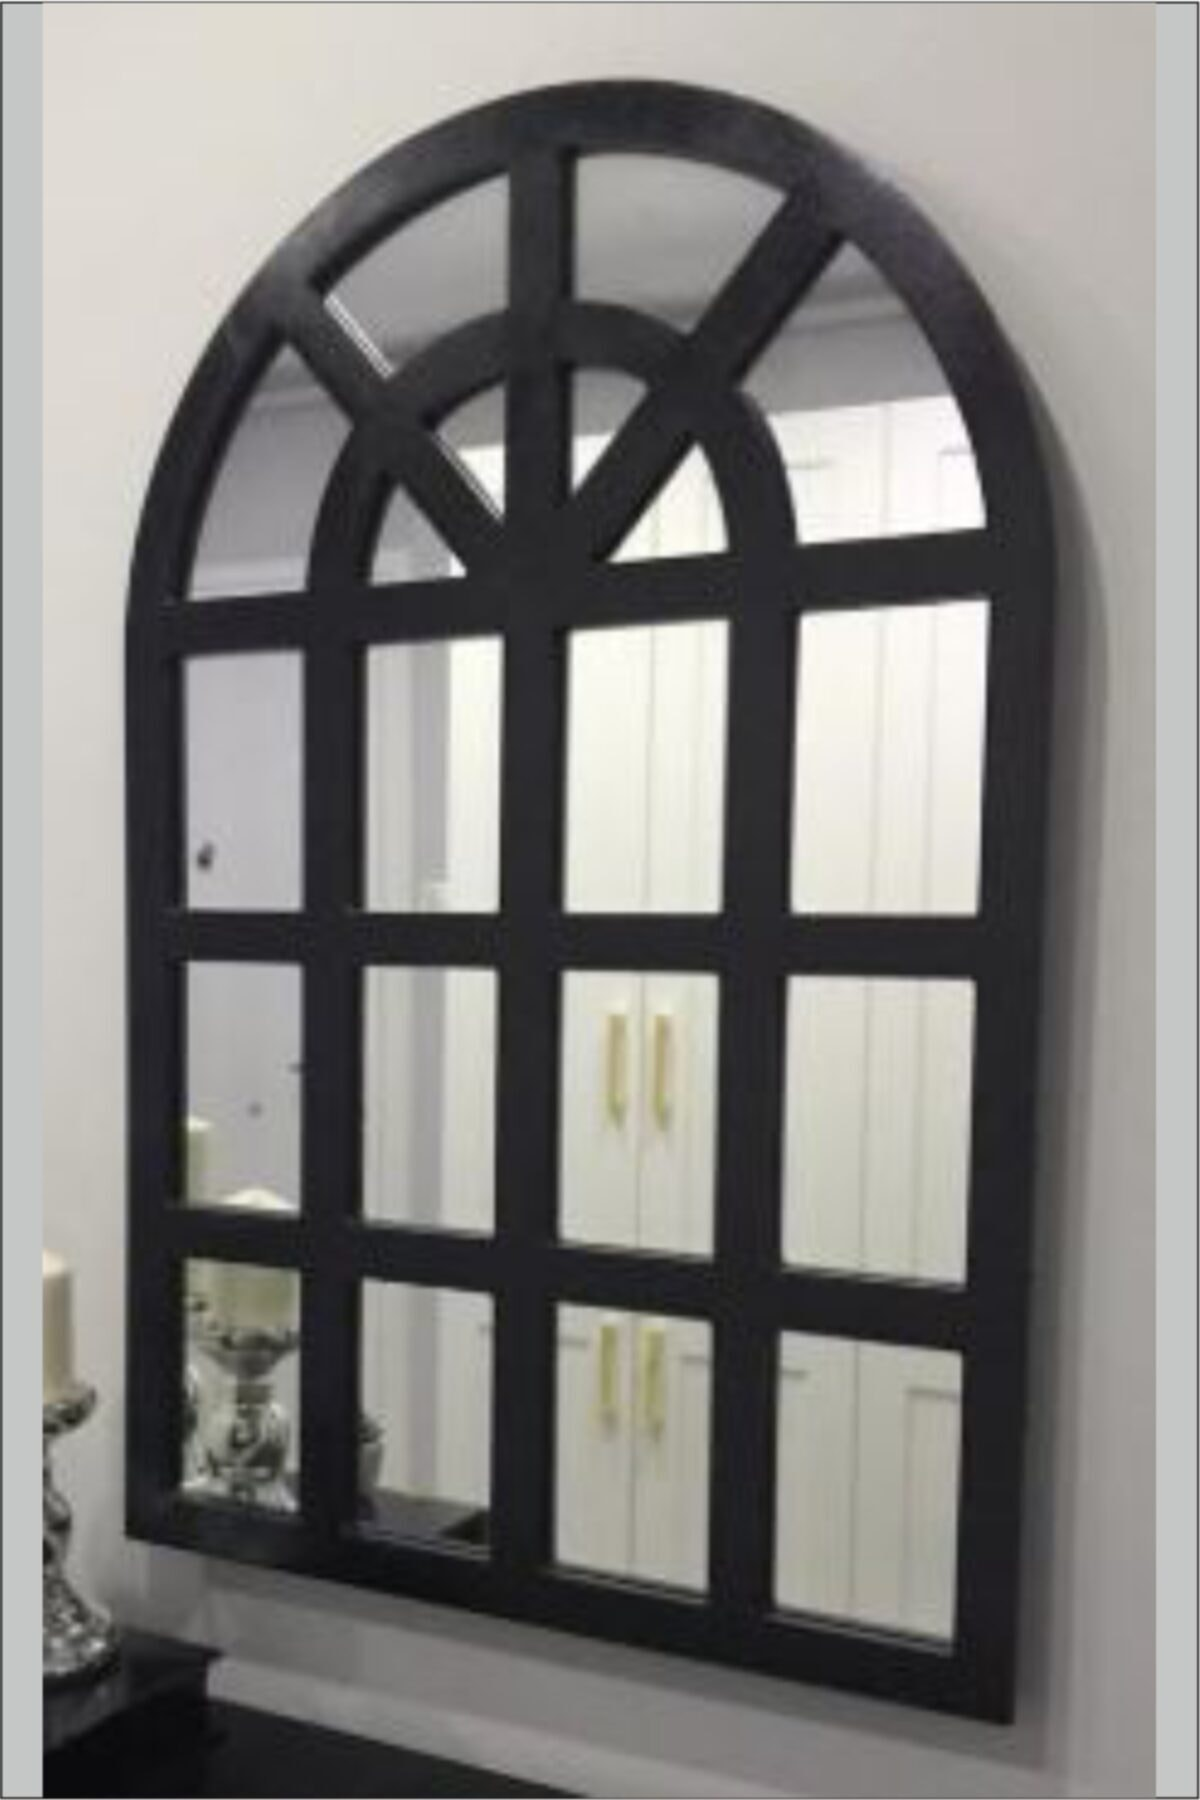 ahşapdekor Dekoratif Pencere Model Ayna 2